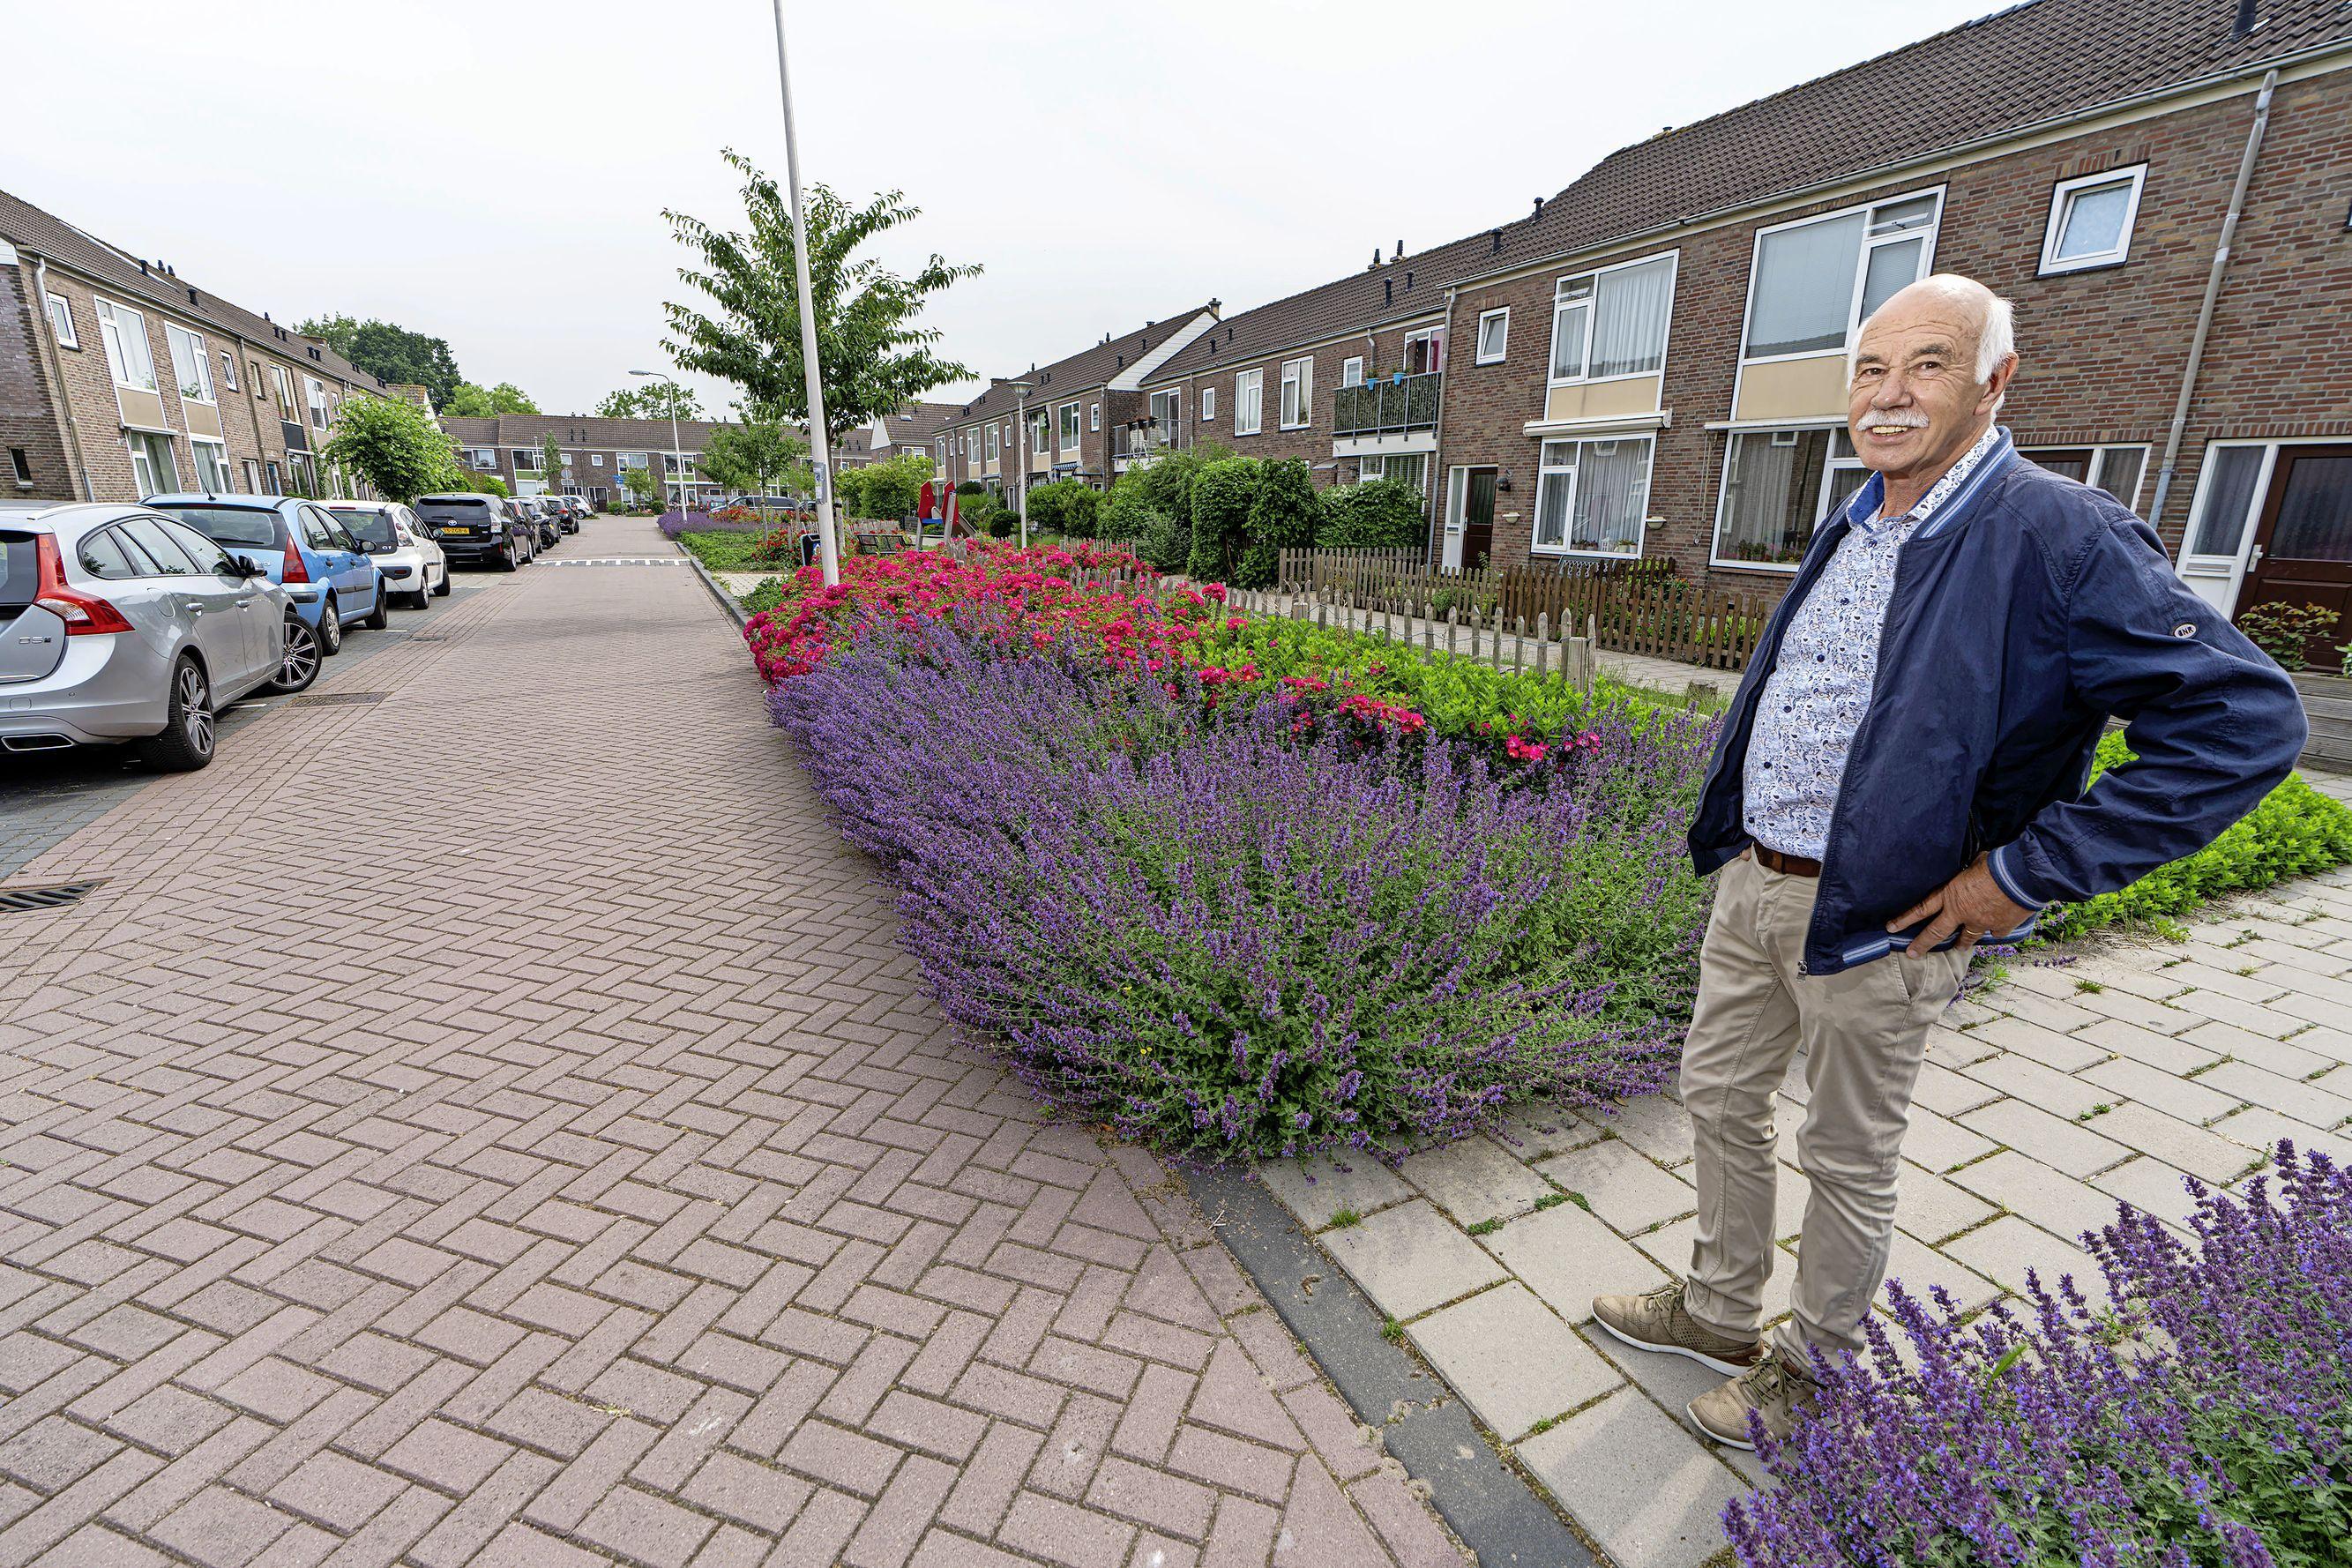 Voorschotense huurders krijgen toch inspraak bij verkoop woningen door Woonzorg: 'De Kamervragen aan de minister hebben de boel in beweging gezet'